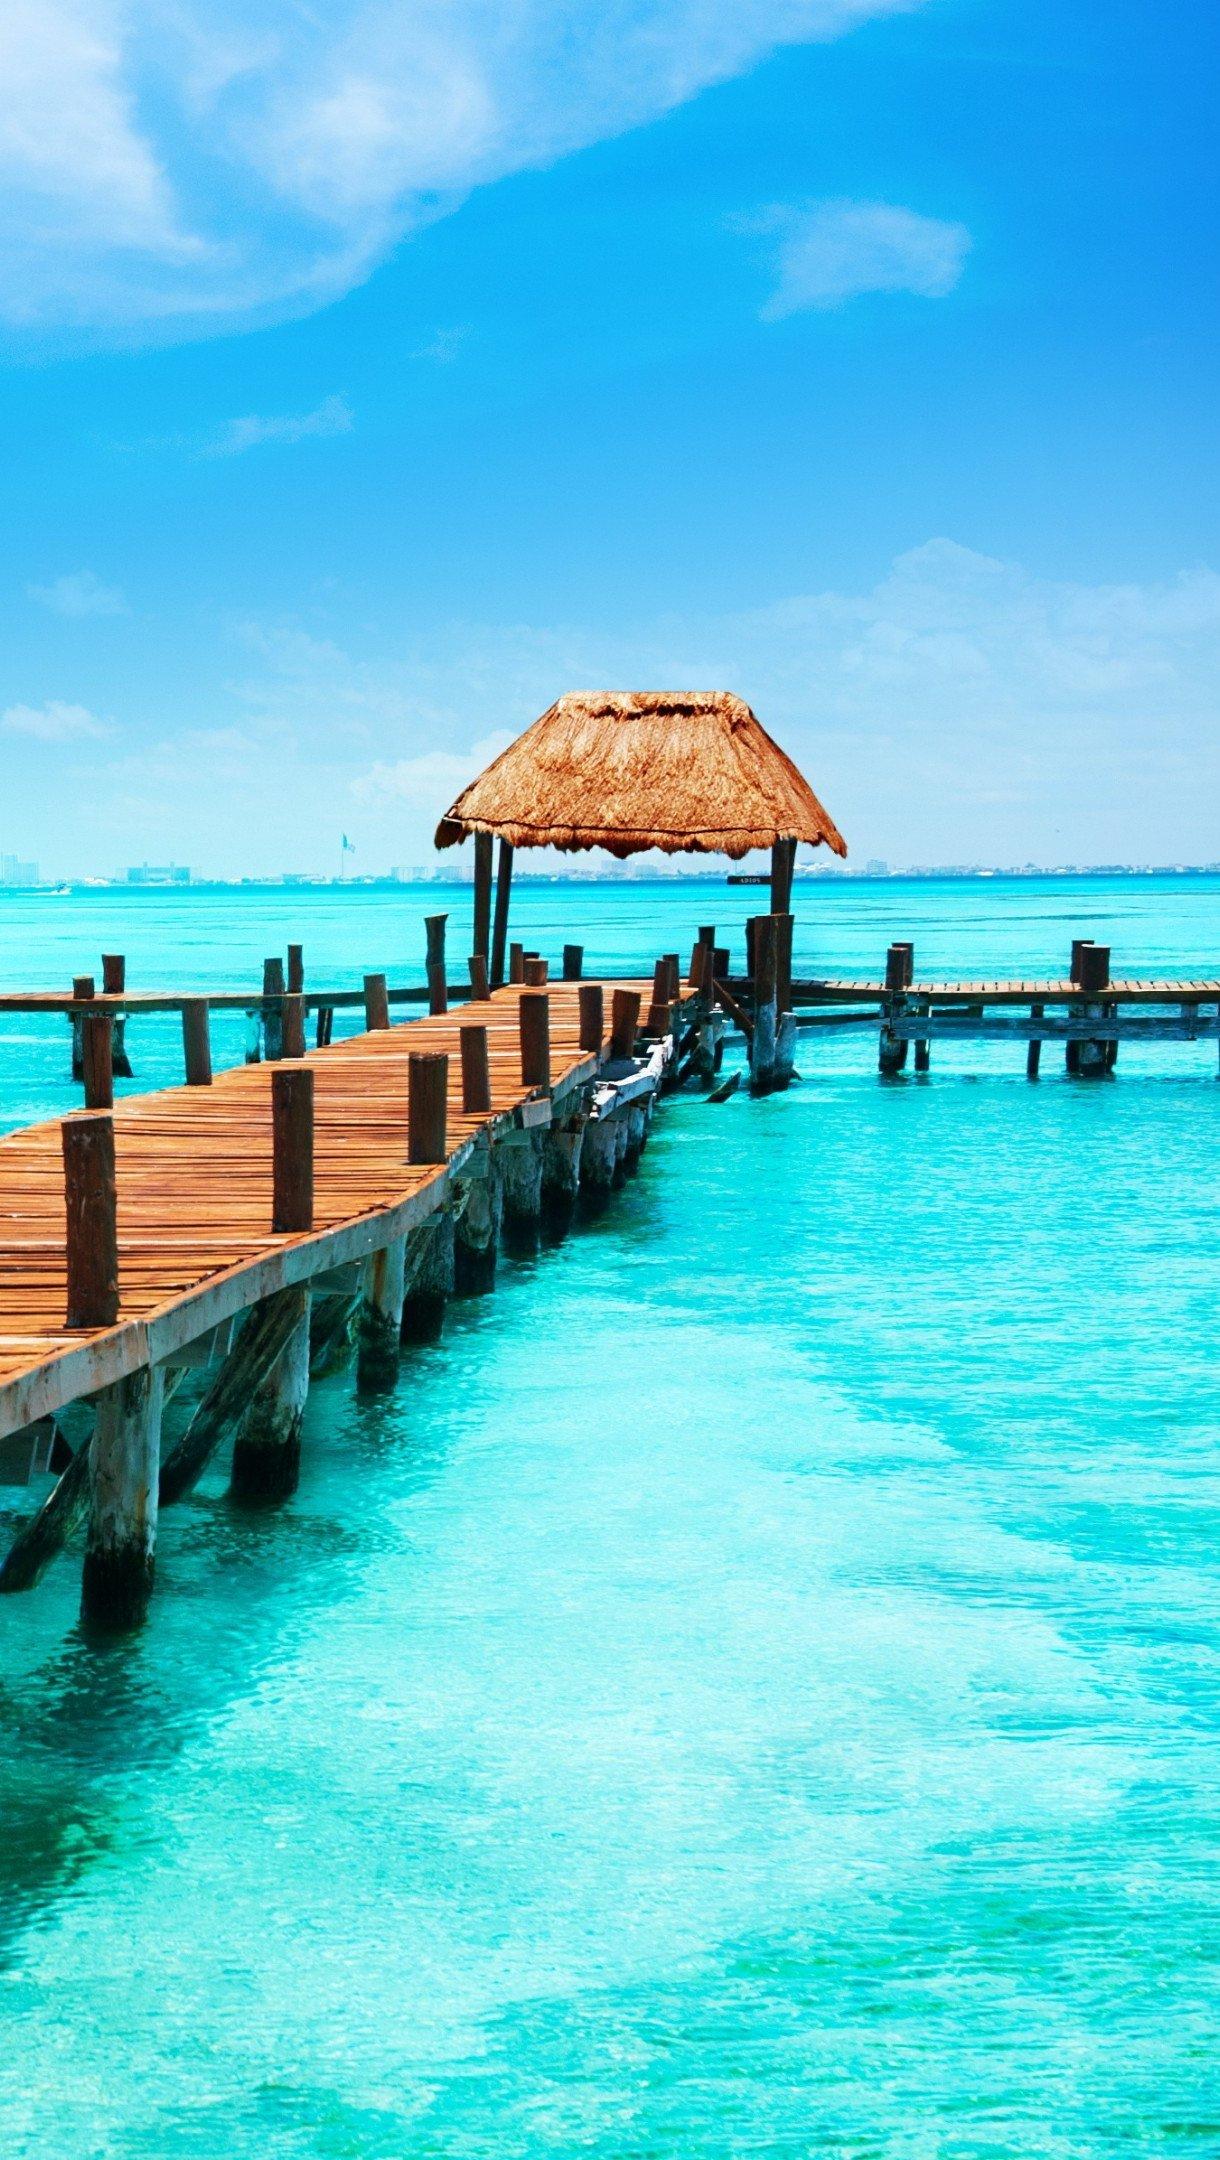 Fondos de pantalla Cancún en Mexico Vertical